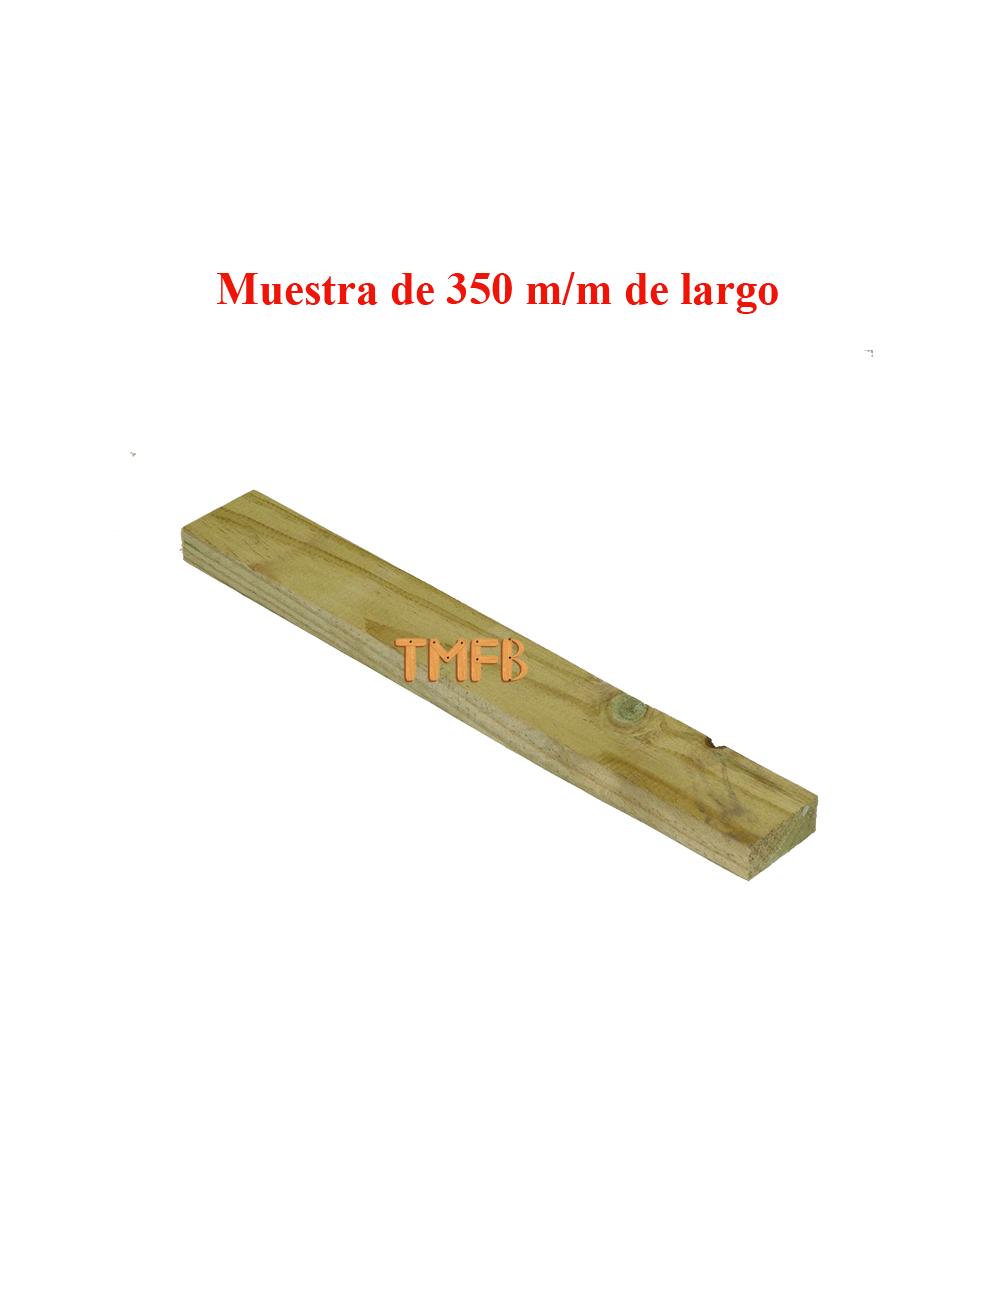 RASTREL PINO INSIGNIS TRATADO R-3 47X19X2500 mm